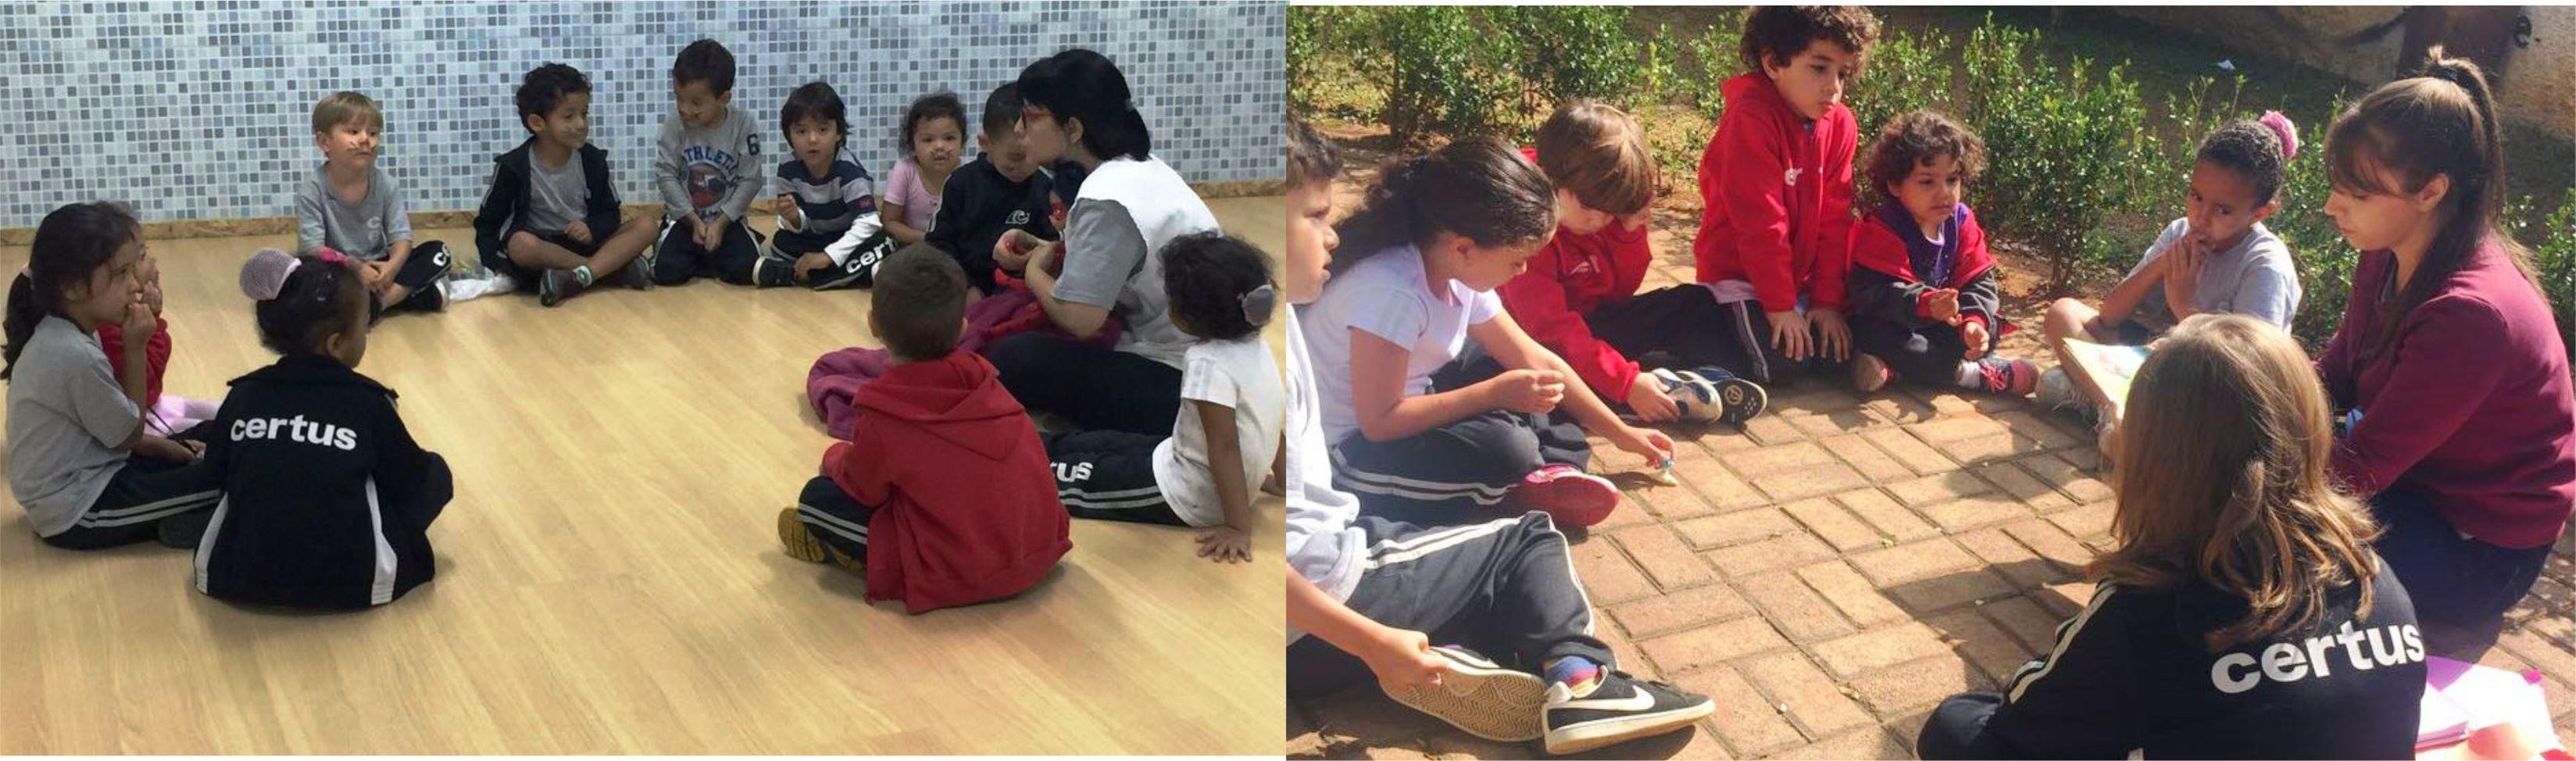 Rodas de conversa e brincadeiras em grupo fortaleceram a conscientização dos preceitos culturais indígenas